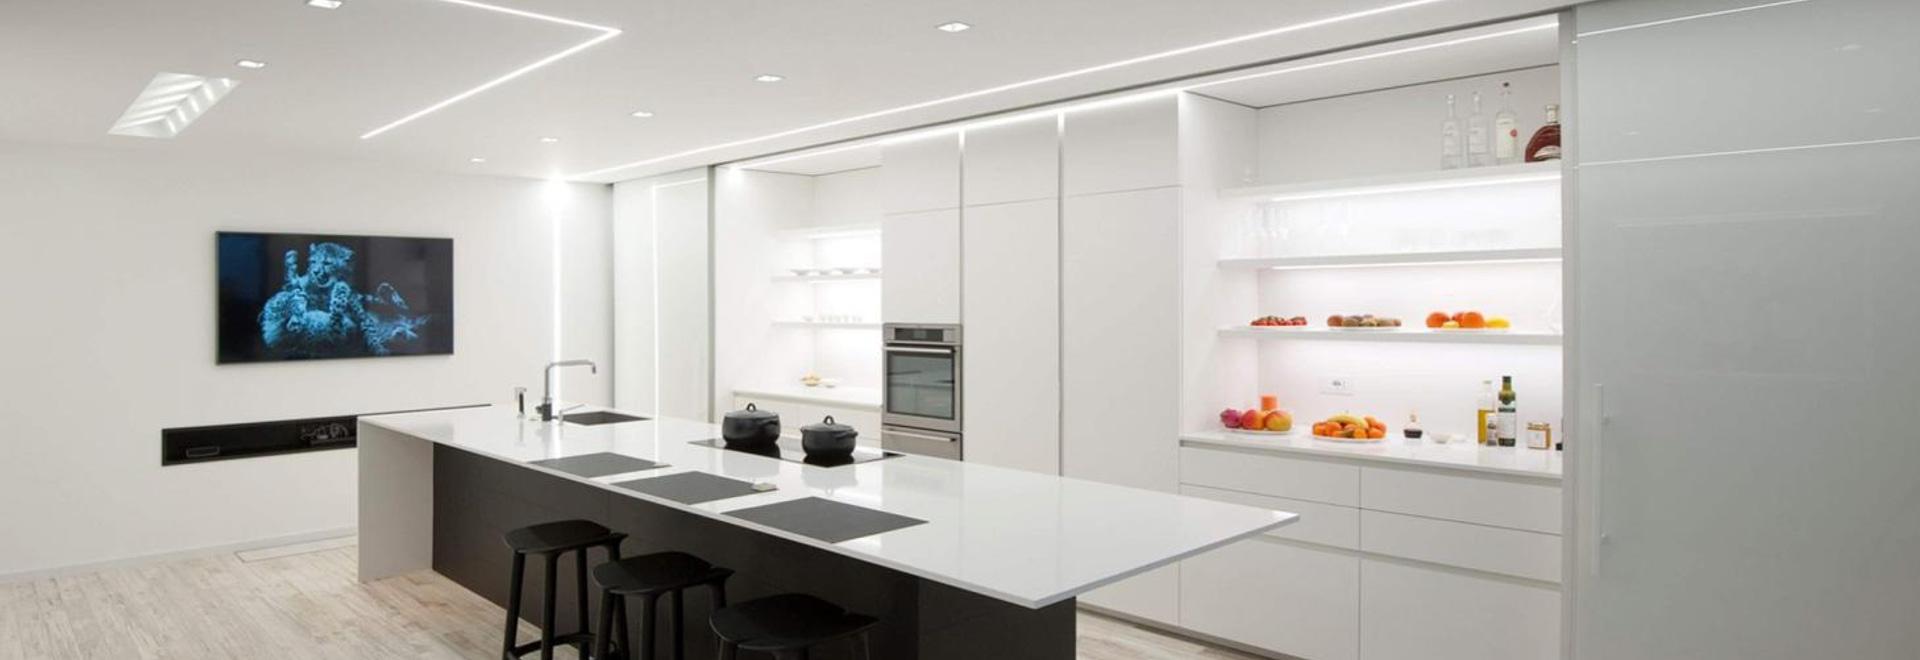 ¡Minimalismo en la cocina!